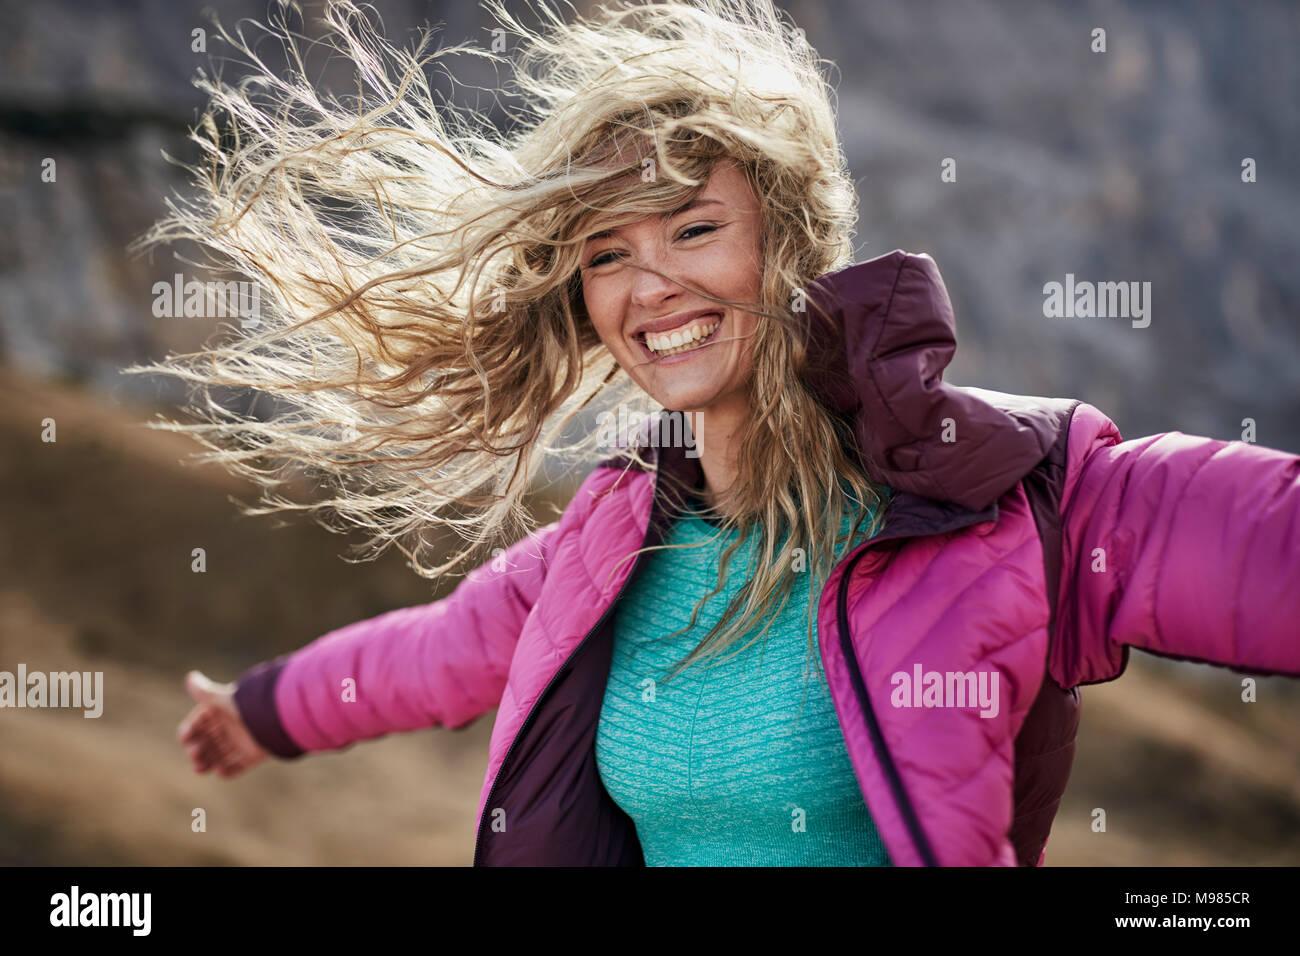 Felice giovane donna appoggiata contro il vento in montagna Immagini Stock